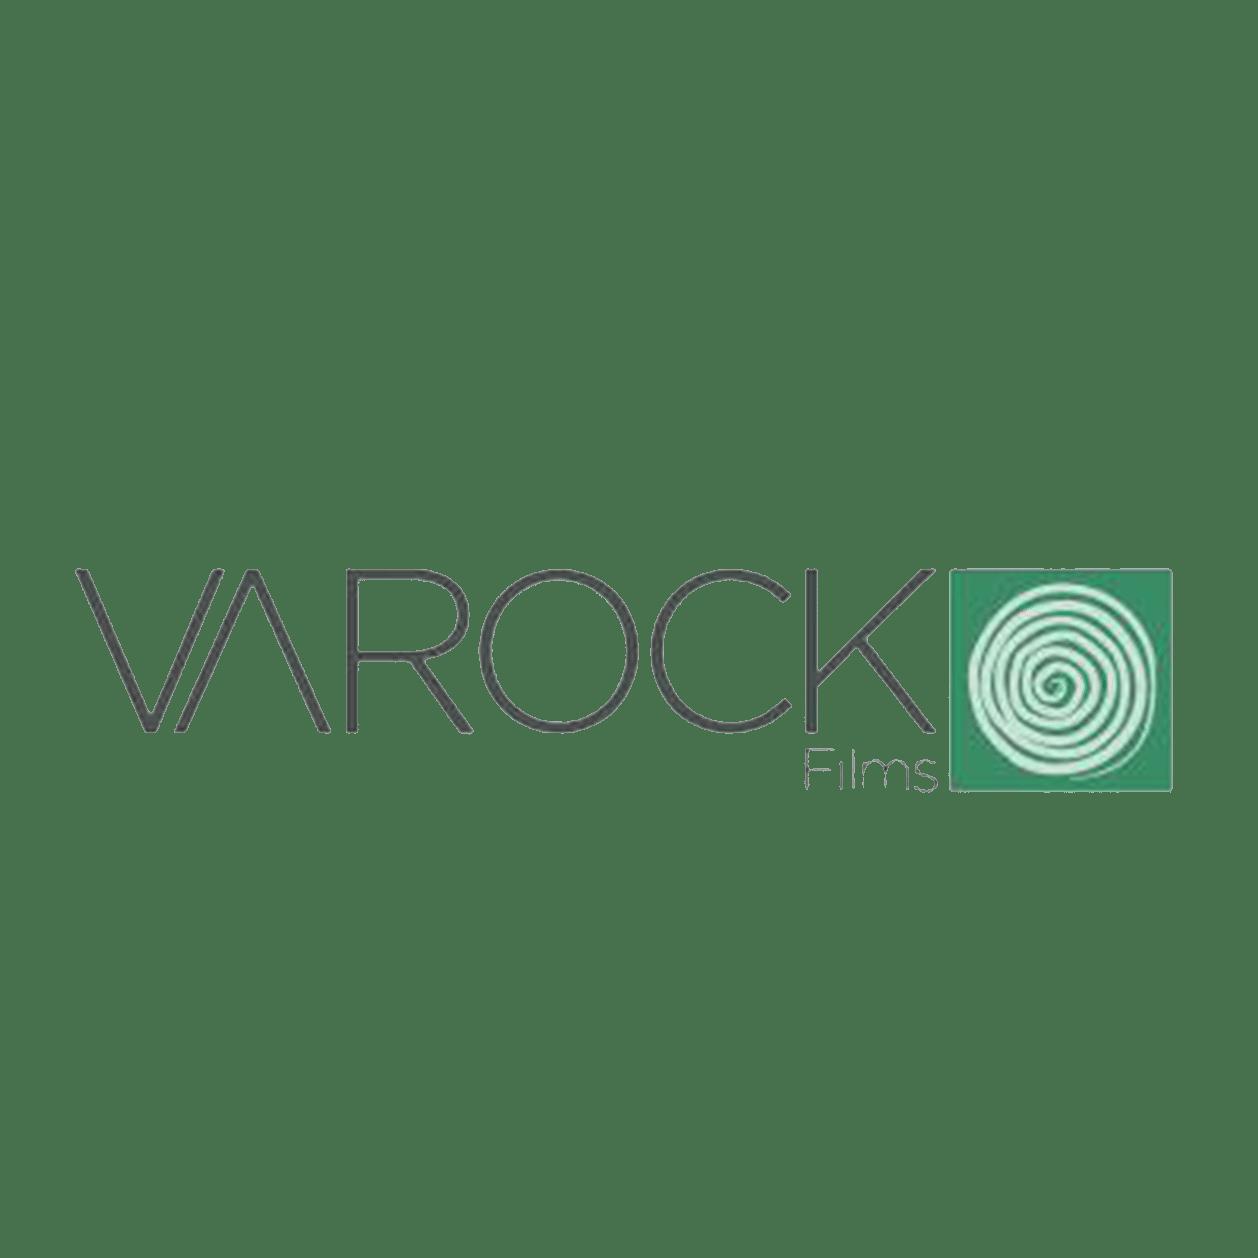 Logo Varock